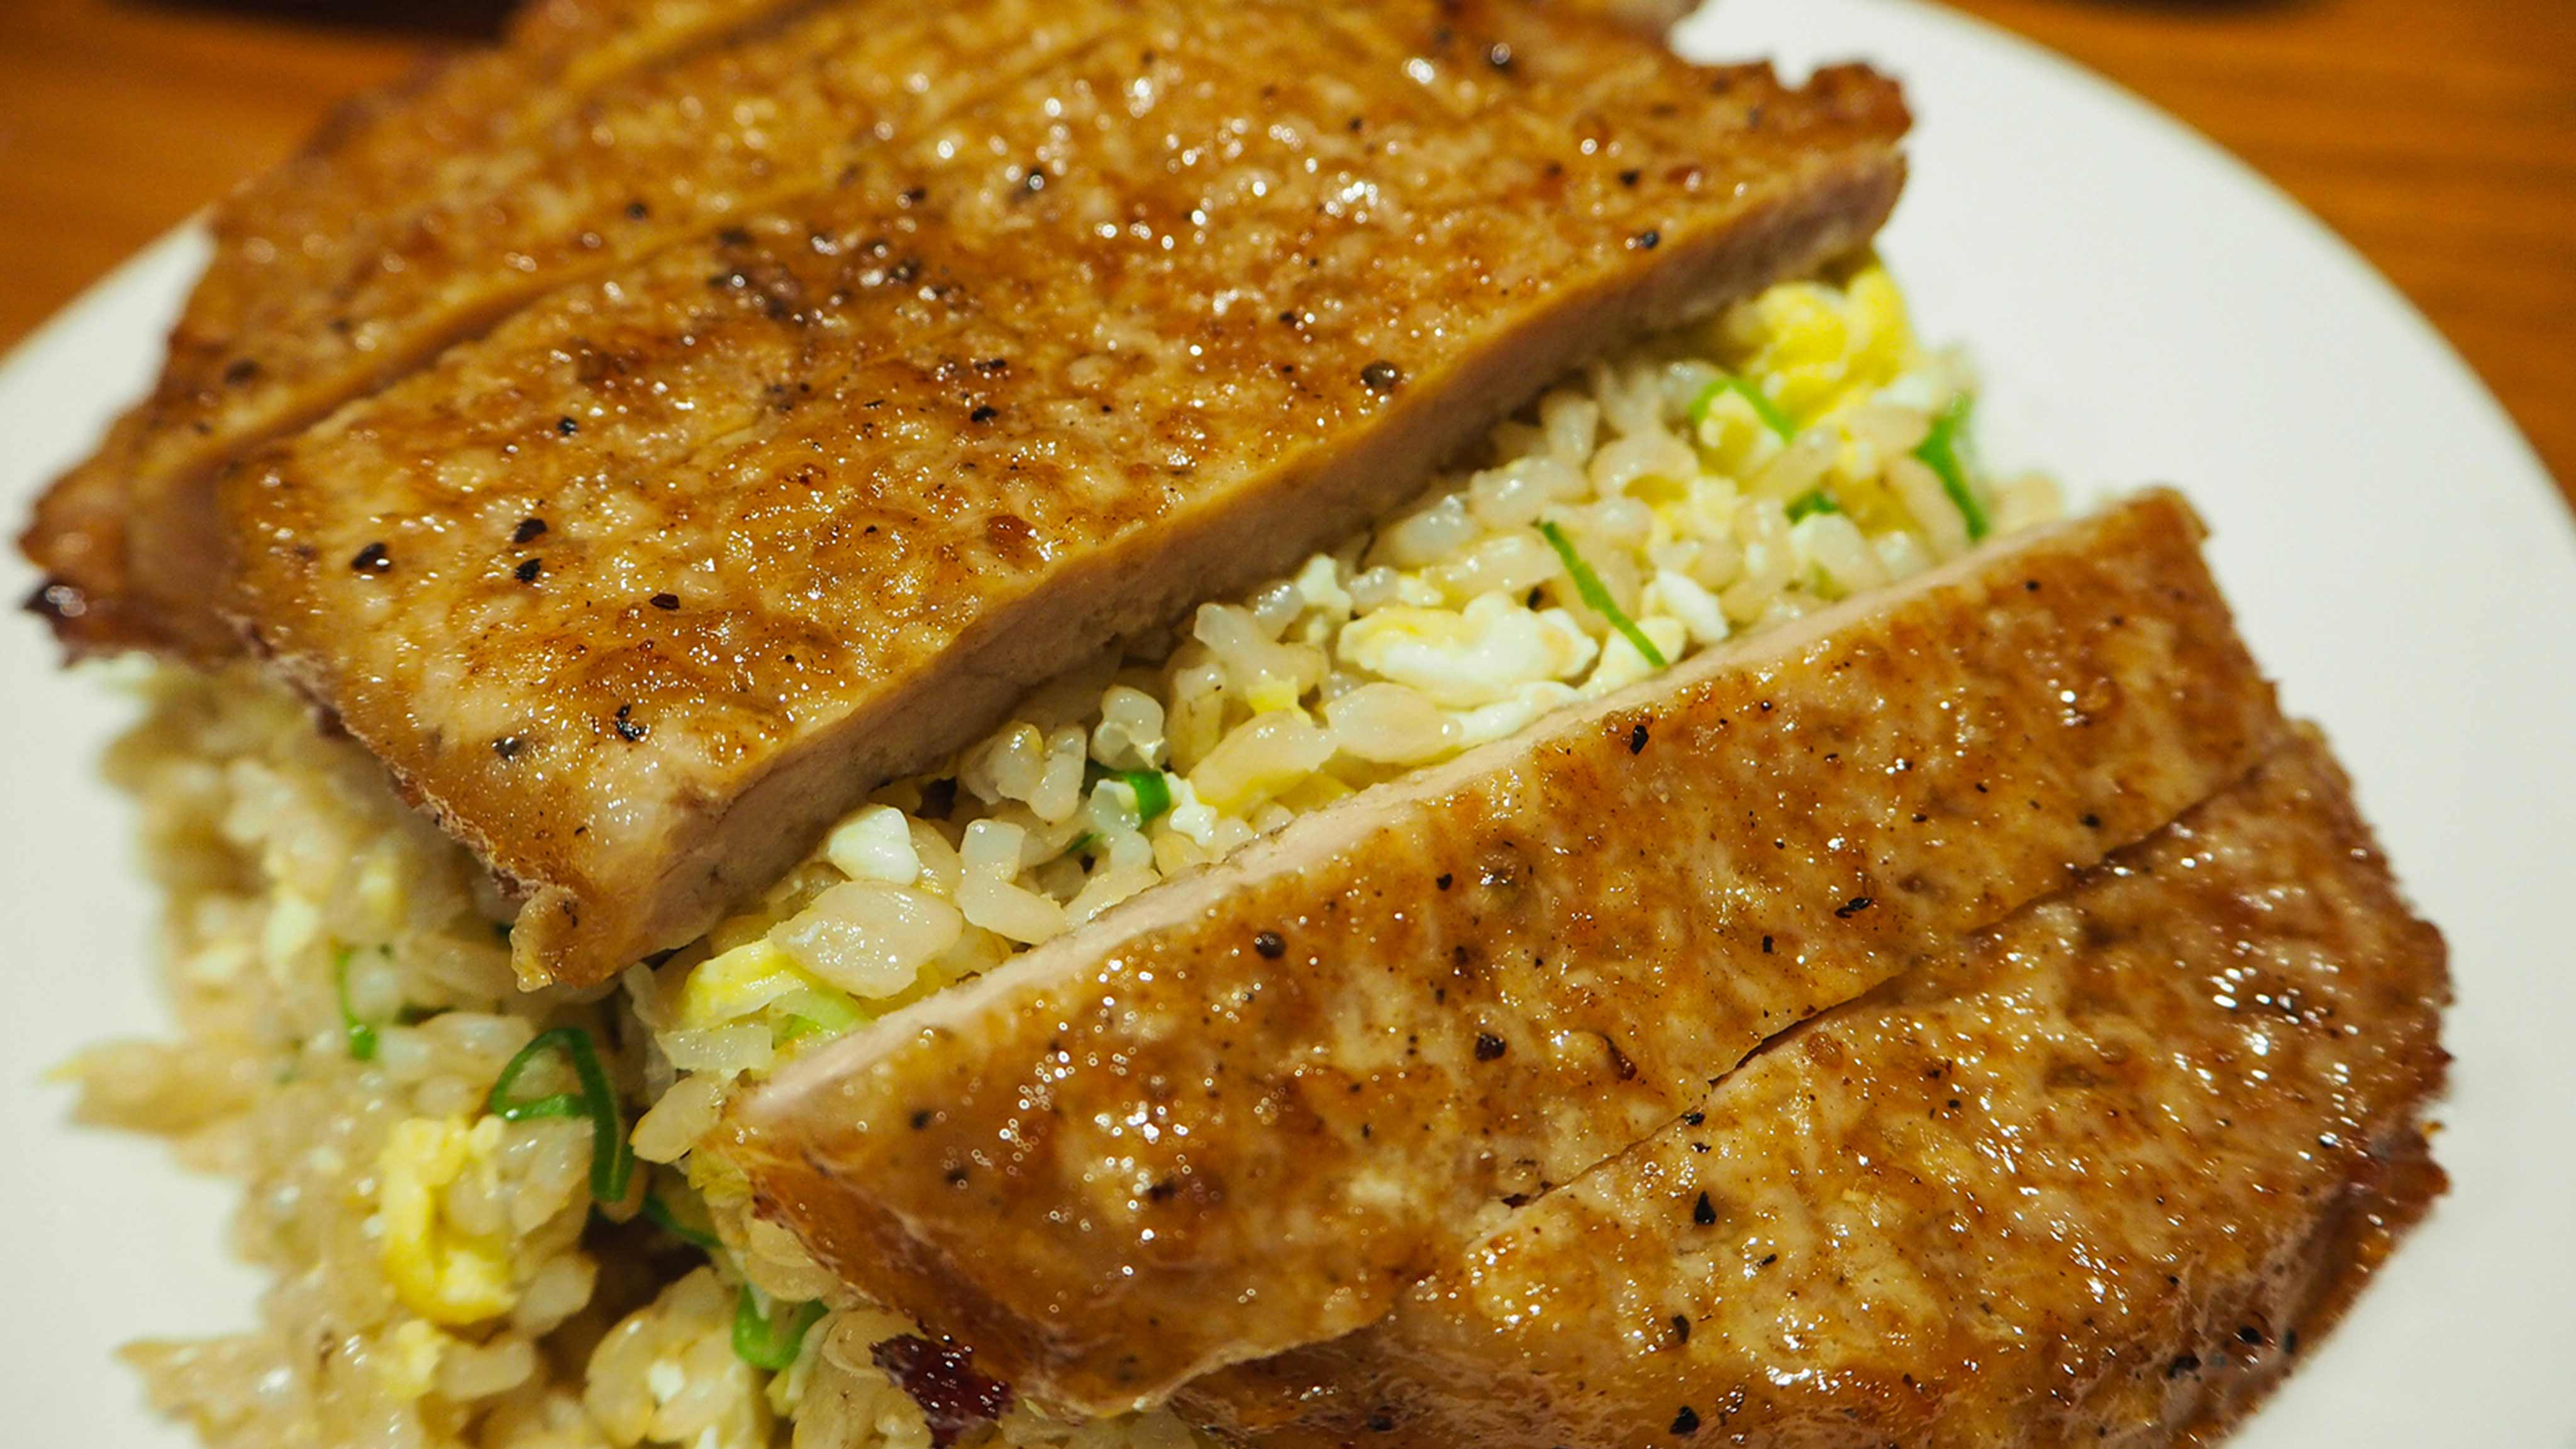 Image for Recipe Honey Mustard Baked Pork Chops